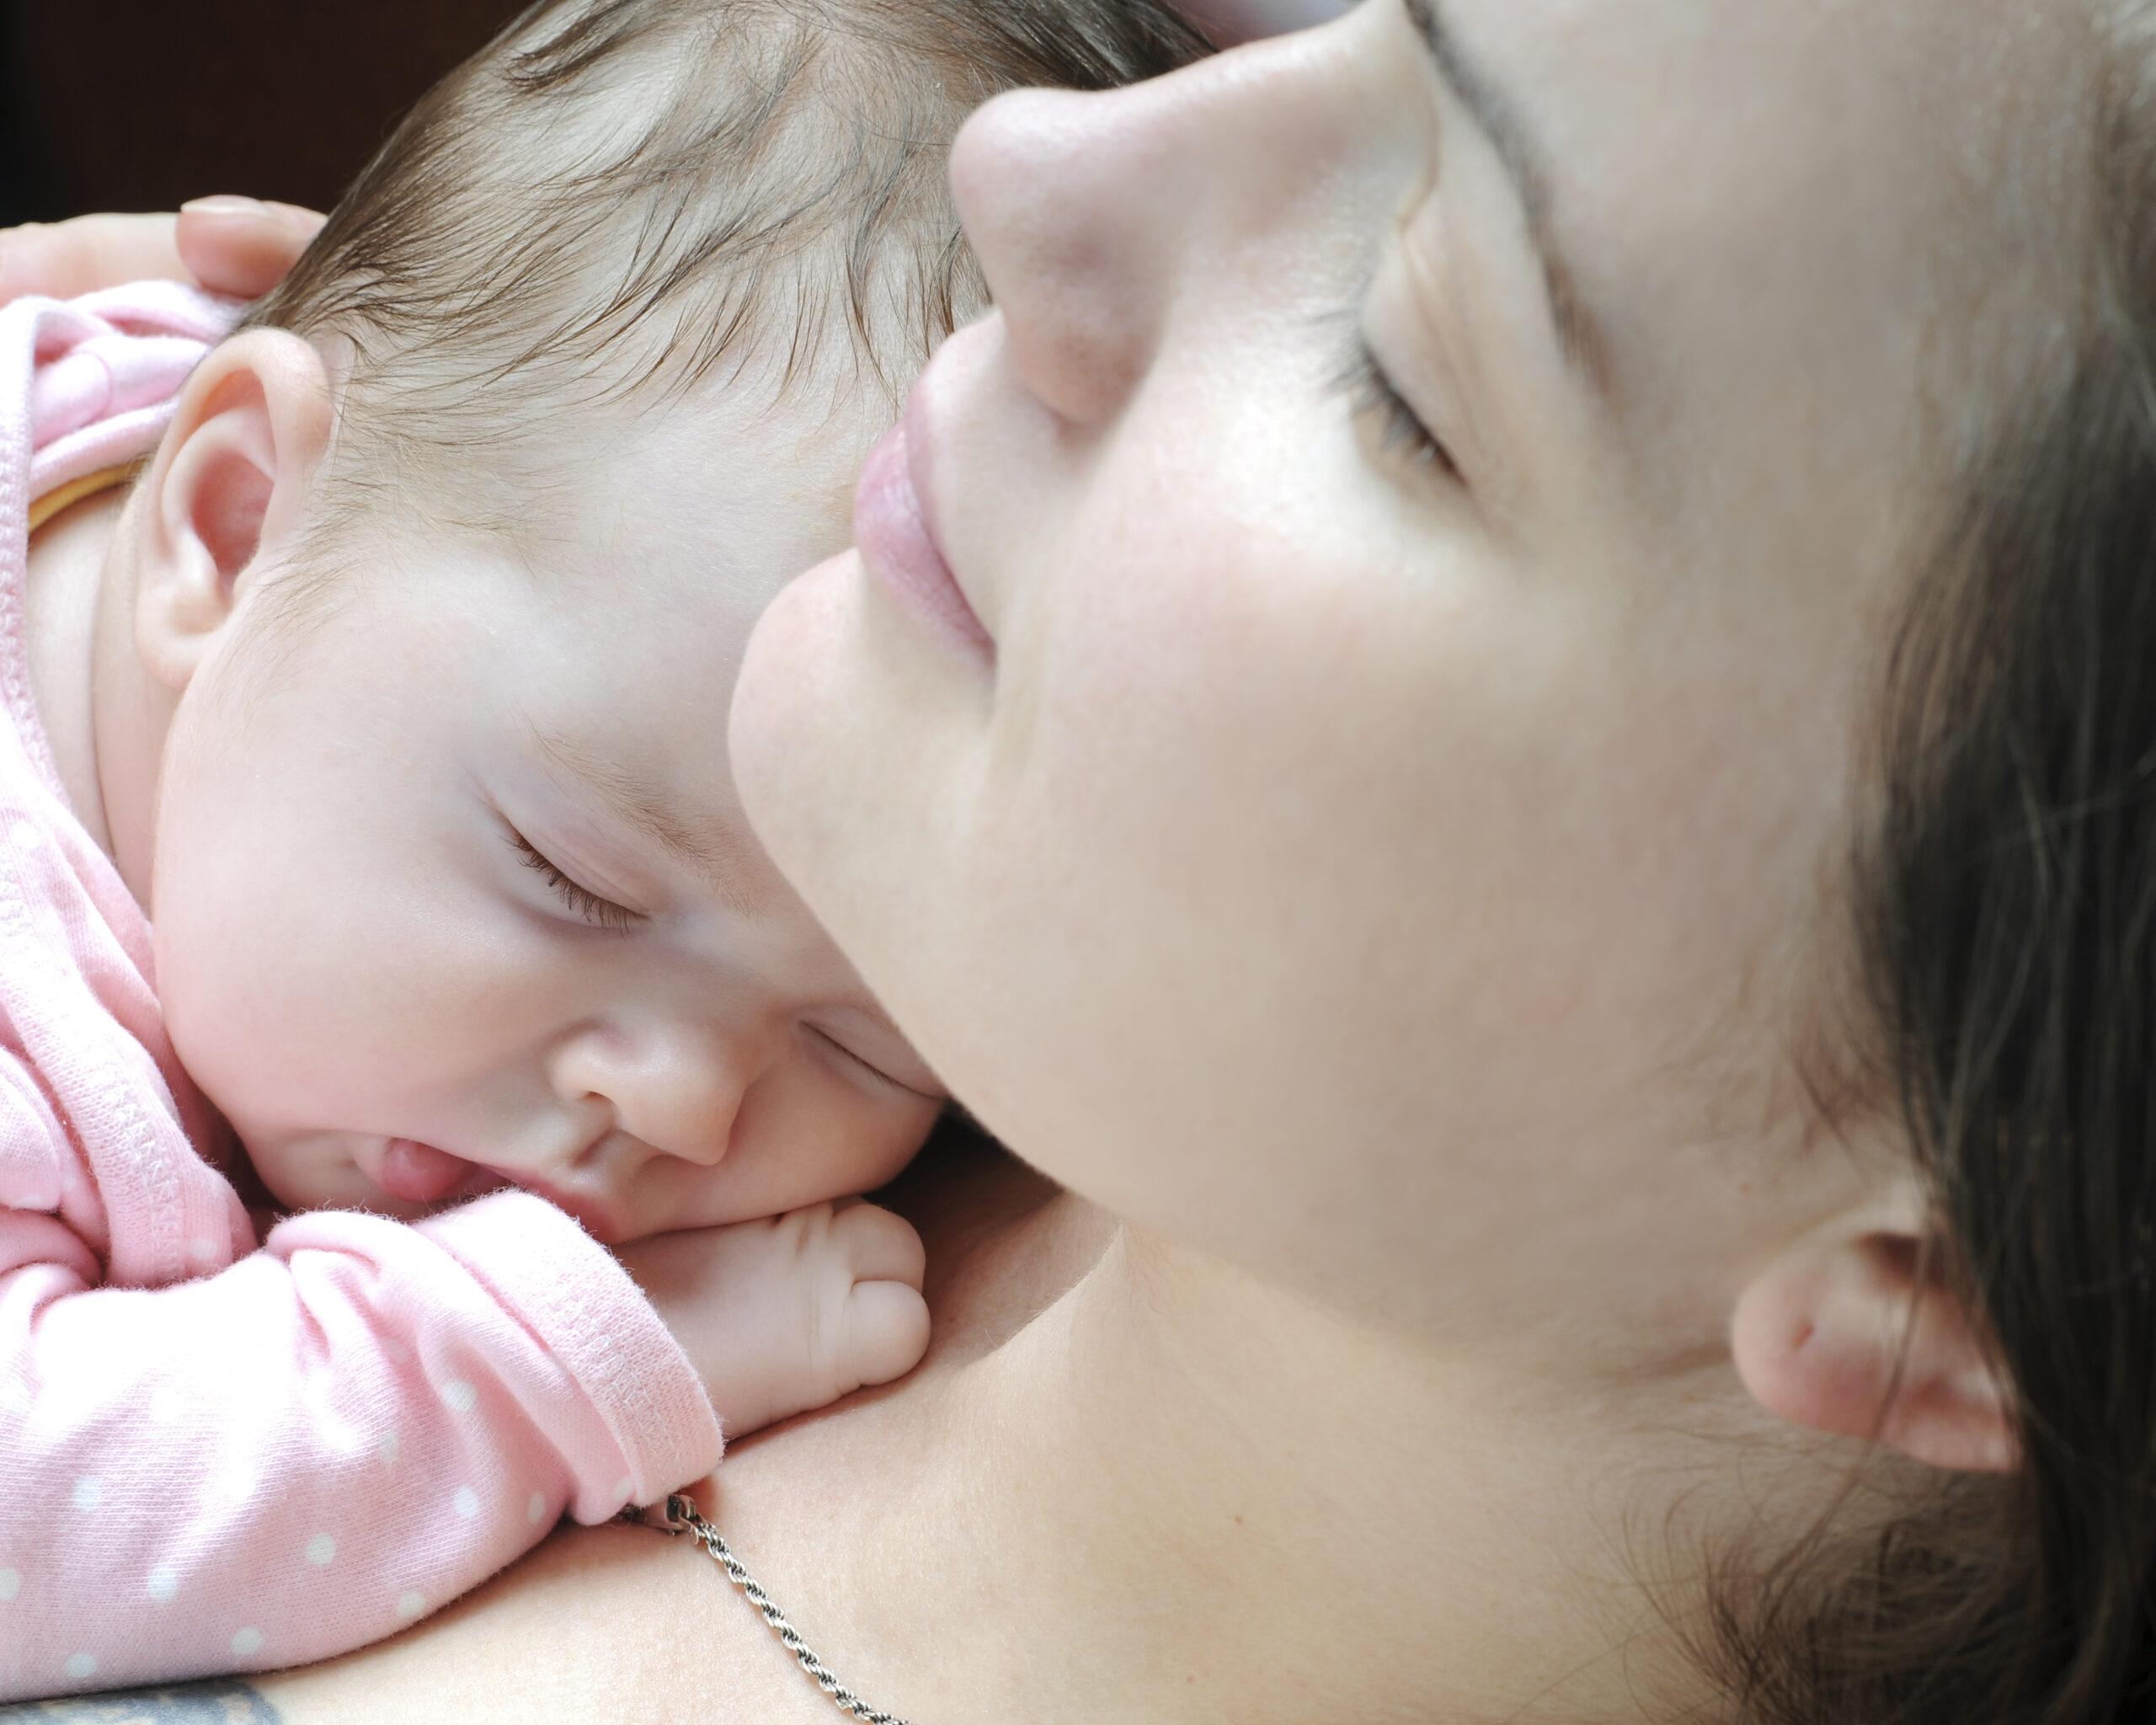 Mann und frau beim baby machen ohne decke